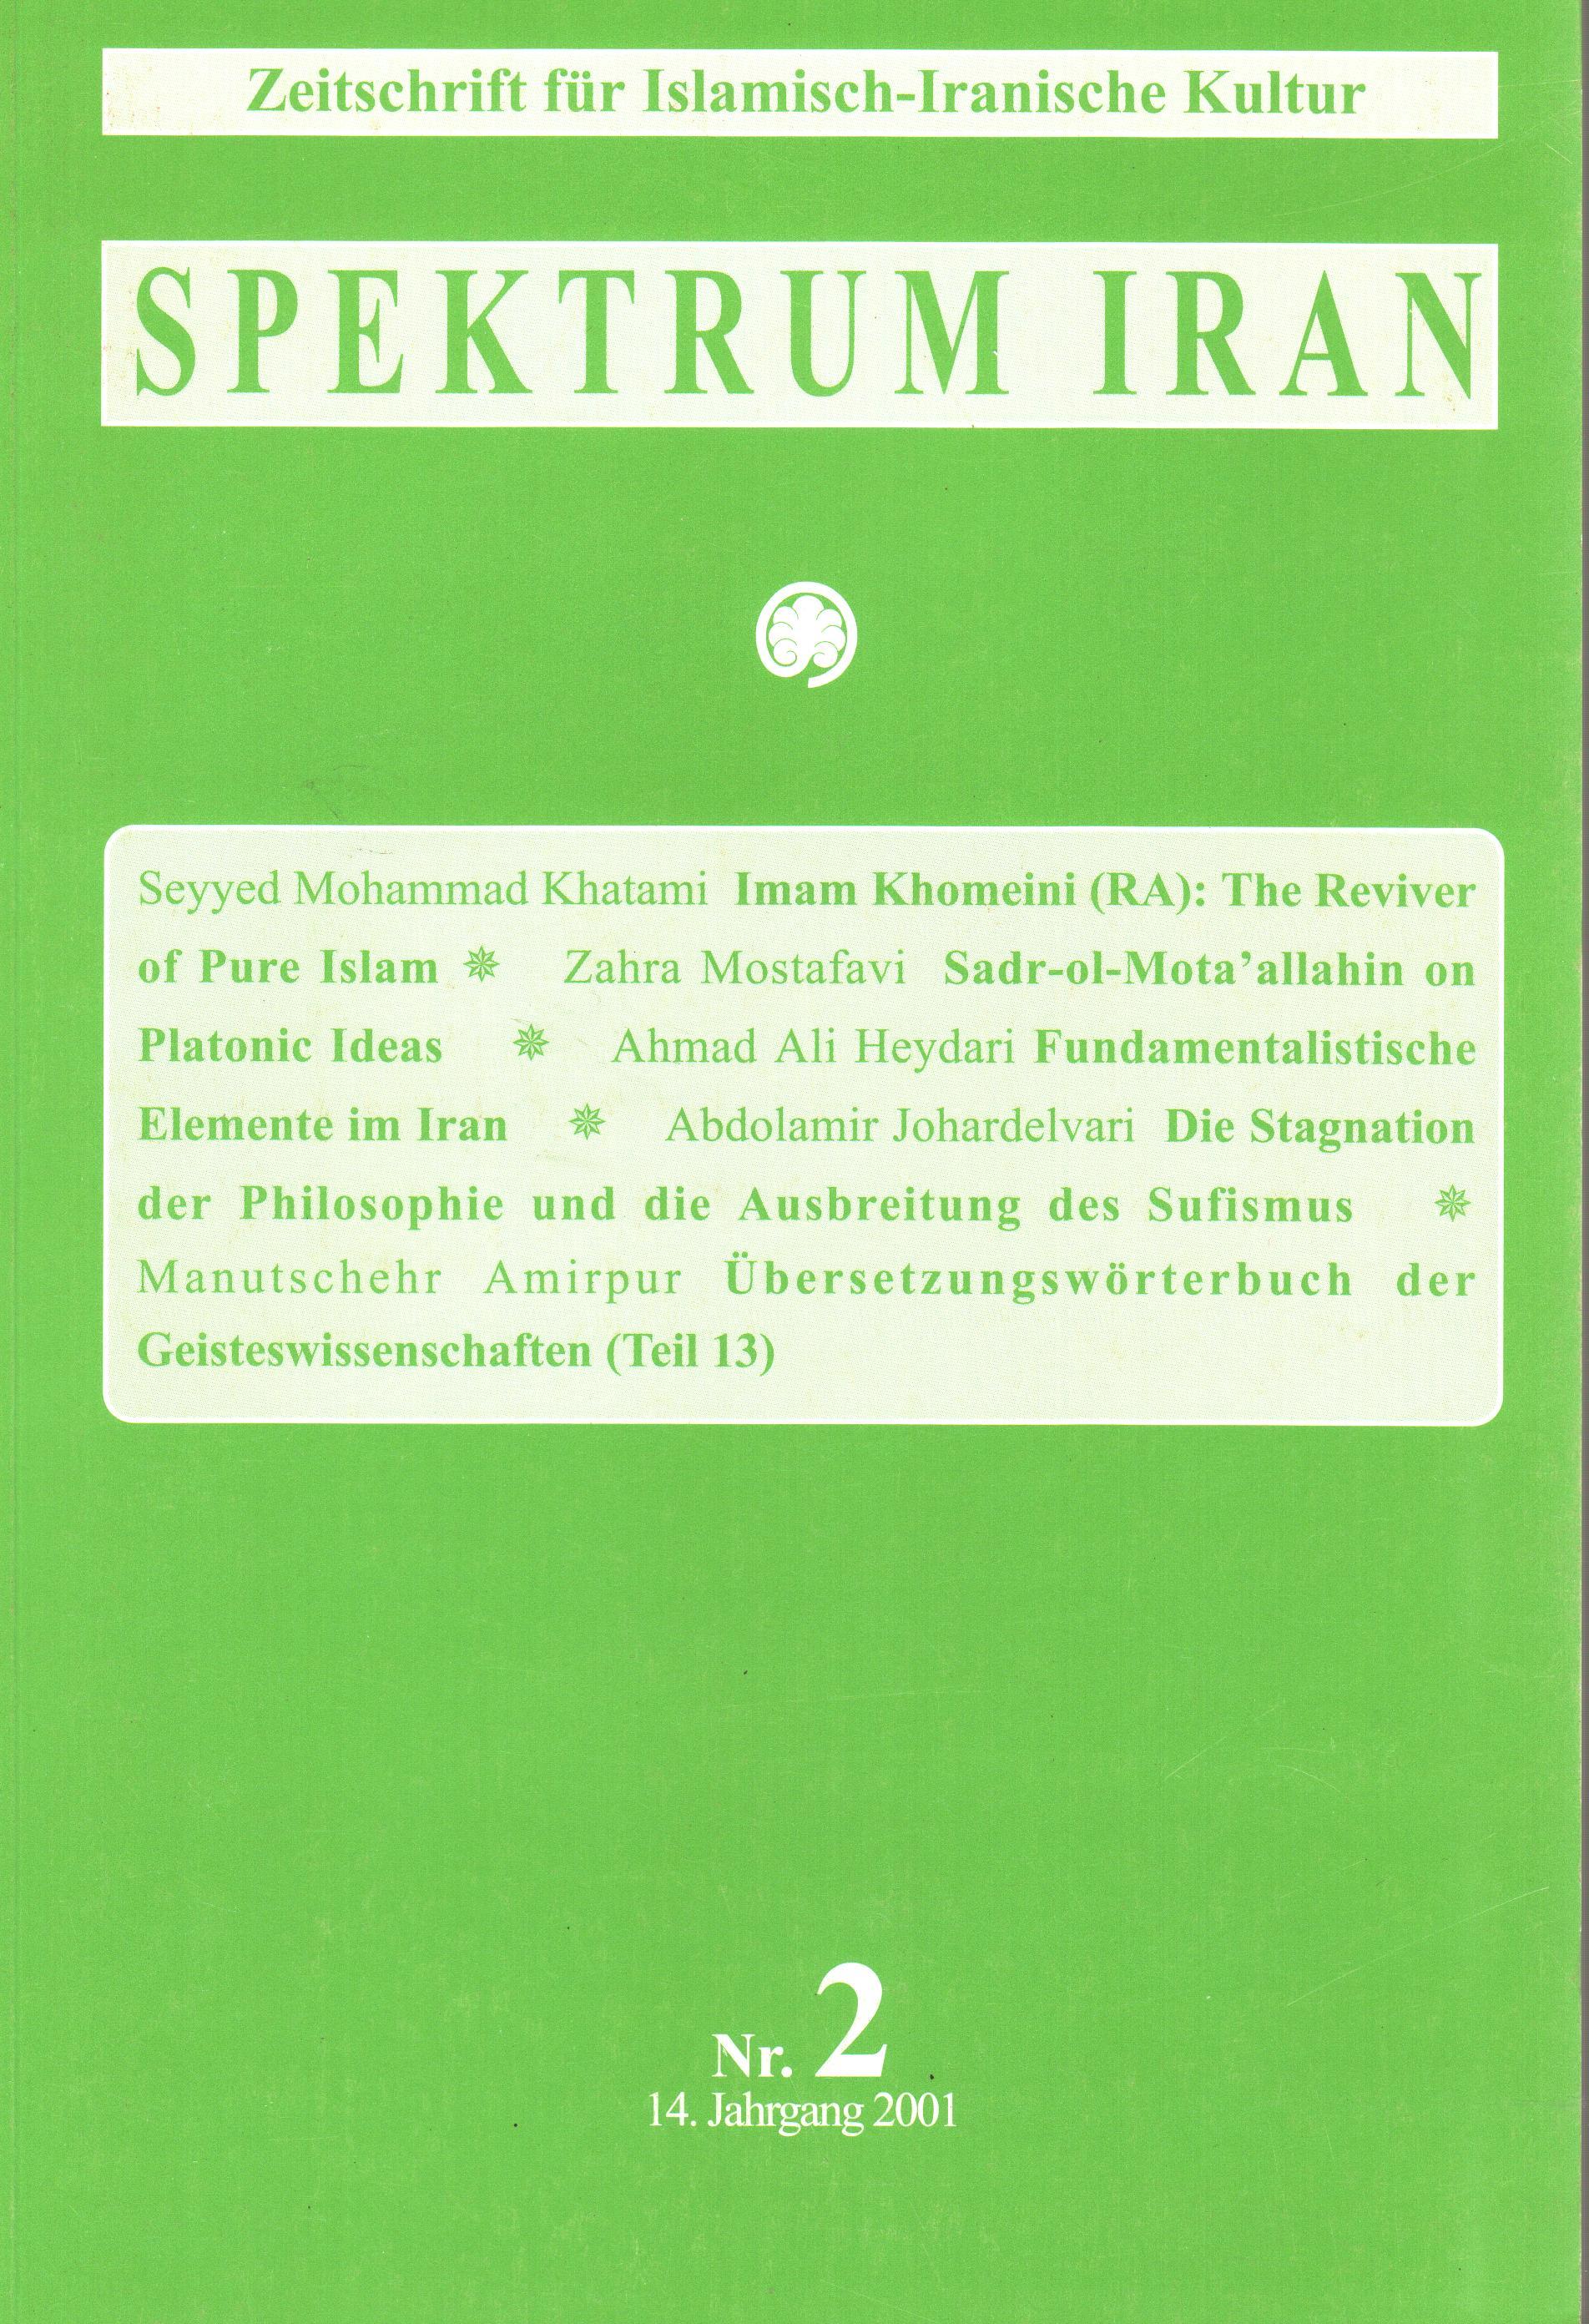 Spektrum Iran 2 - 2001